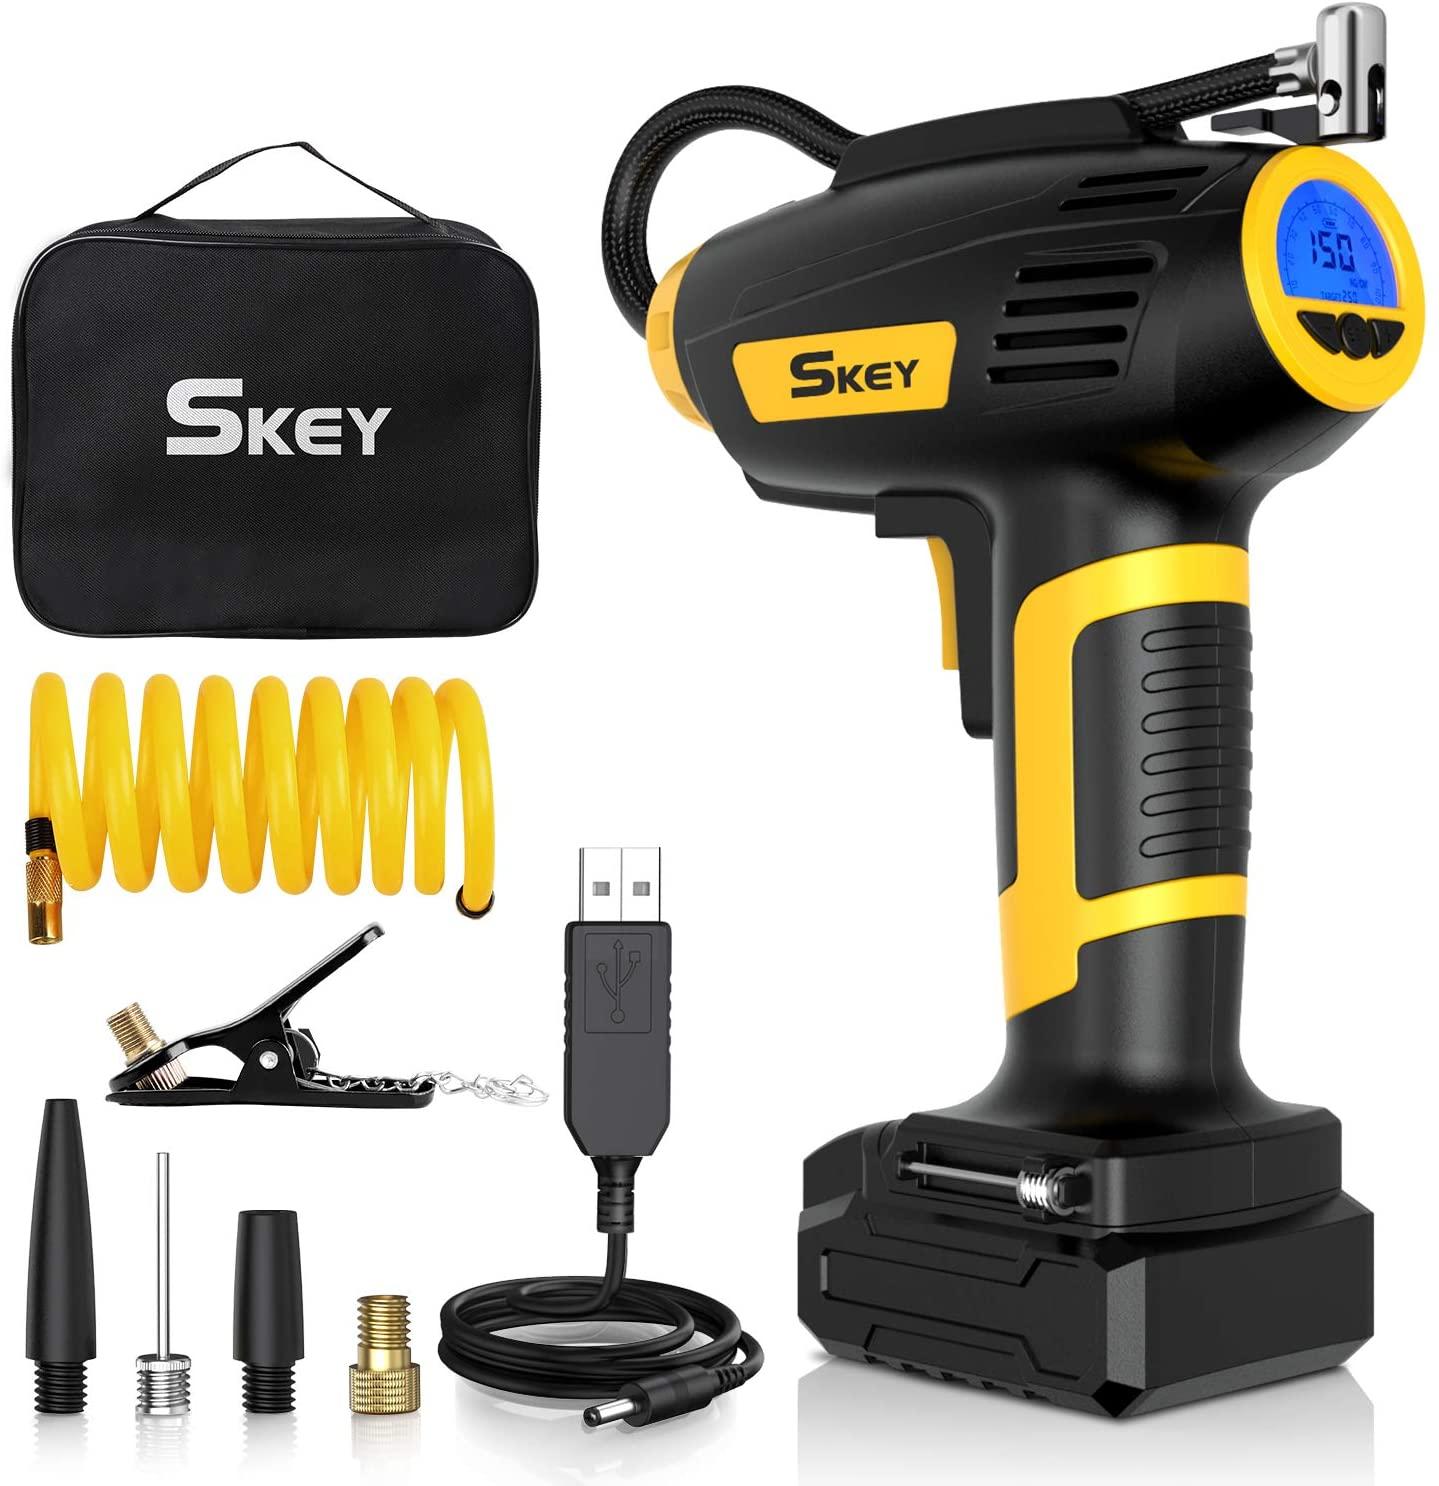 SKEY-40-60L-Min-Compresor-Portatil-a-Batteria